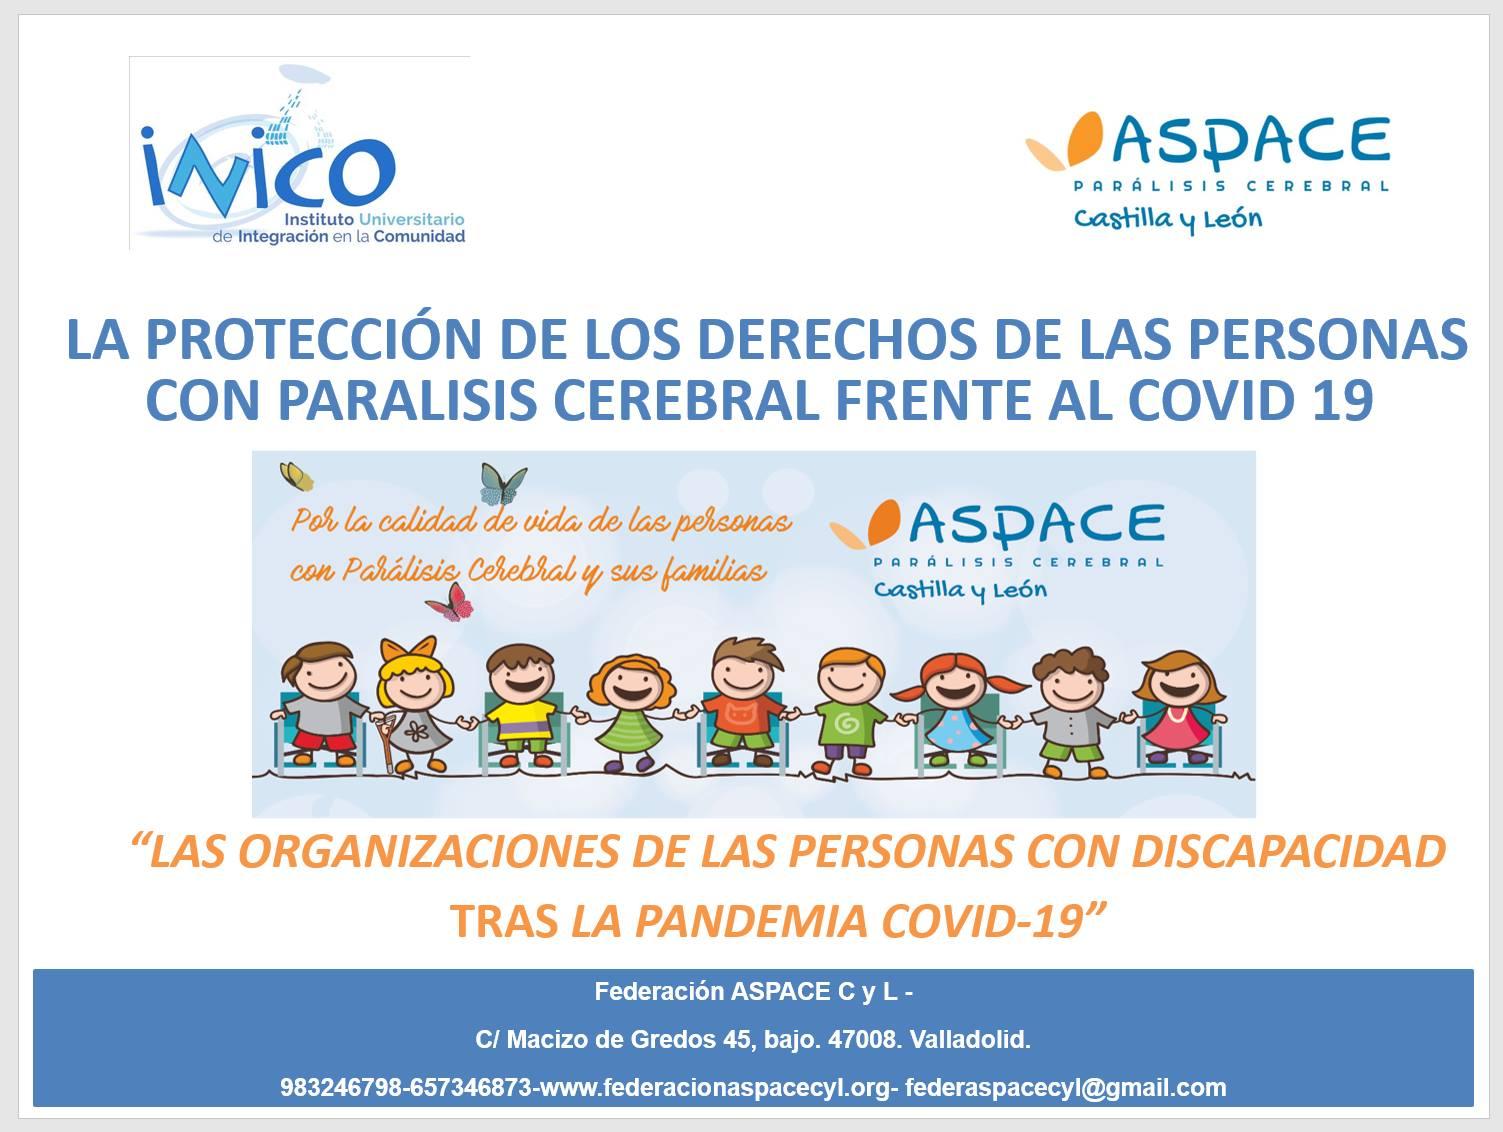 Aspace Castilla y León participa en el Máster en Integración de Personas con Discapacidad de la Universidad de Salamanca